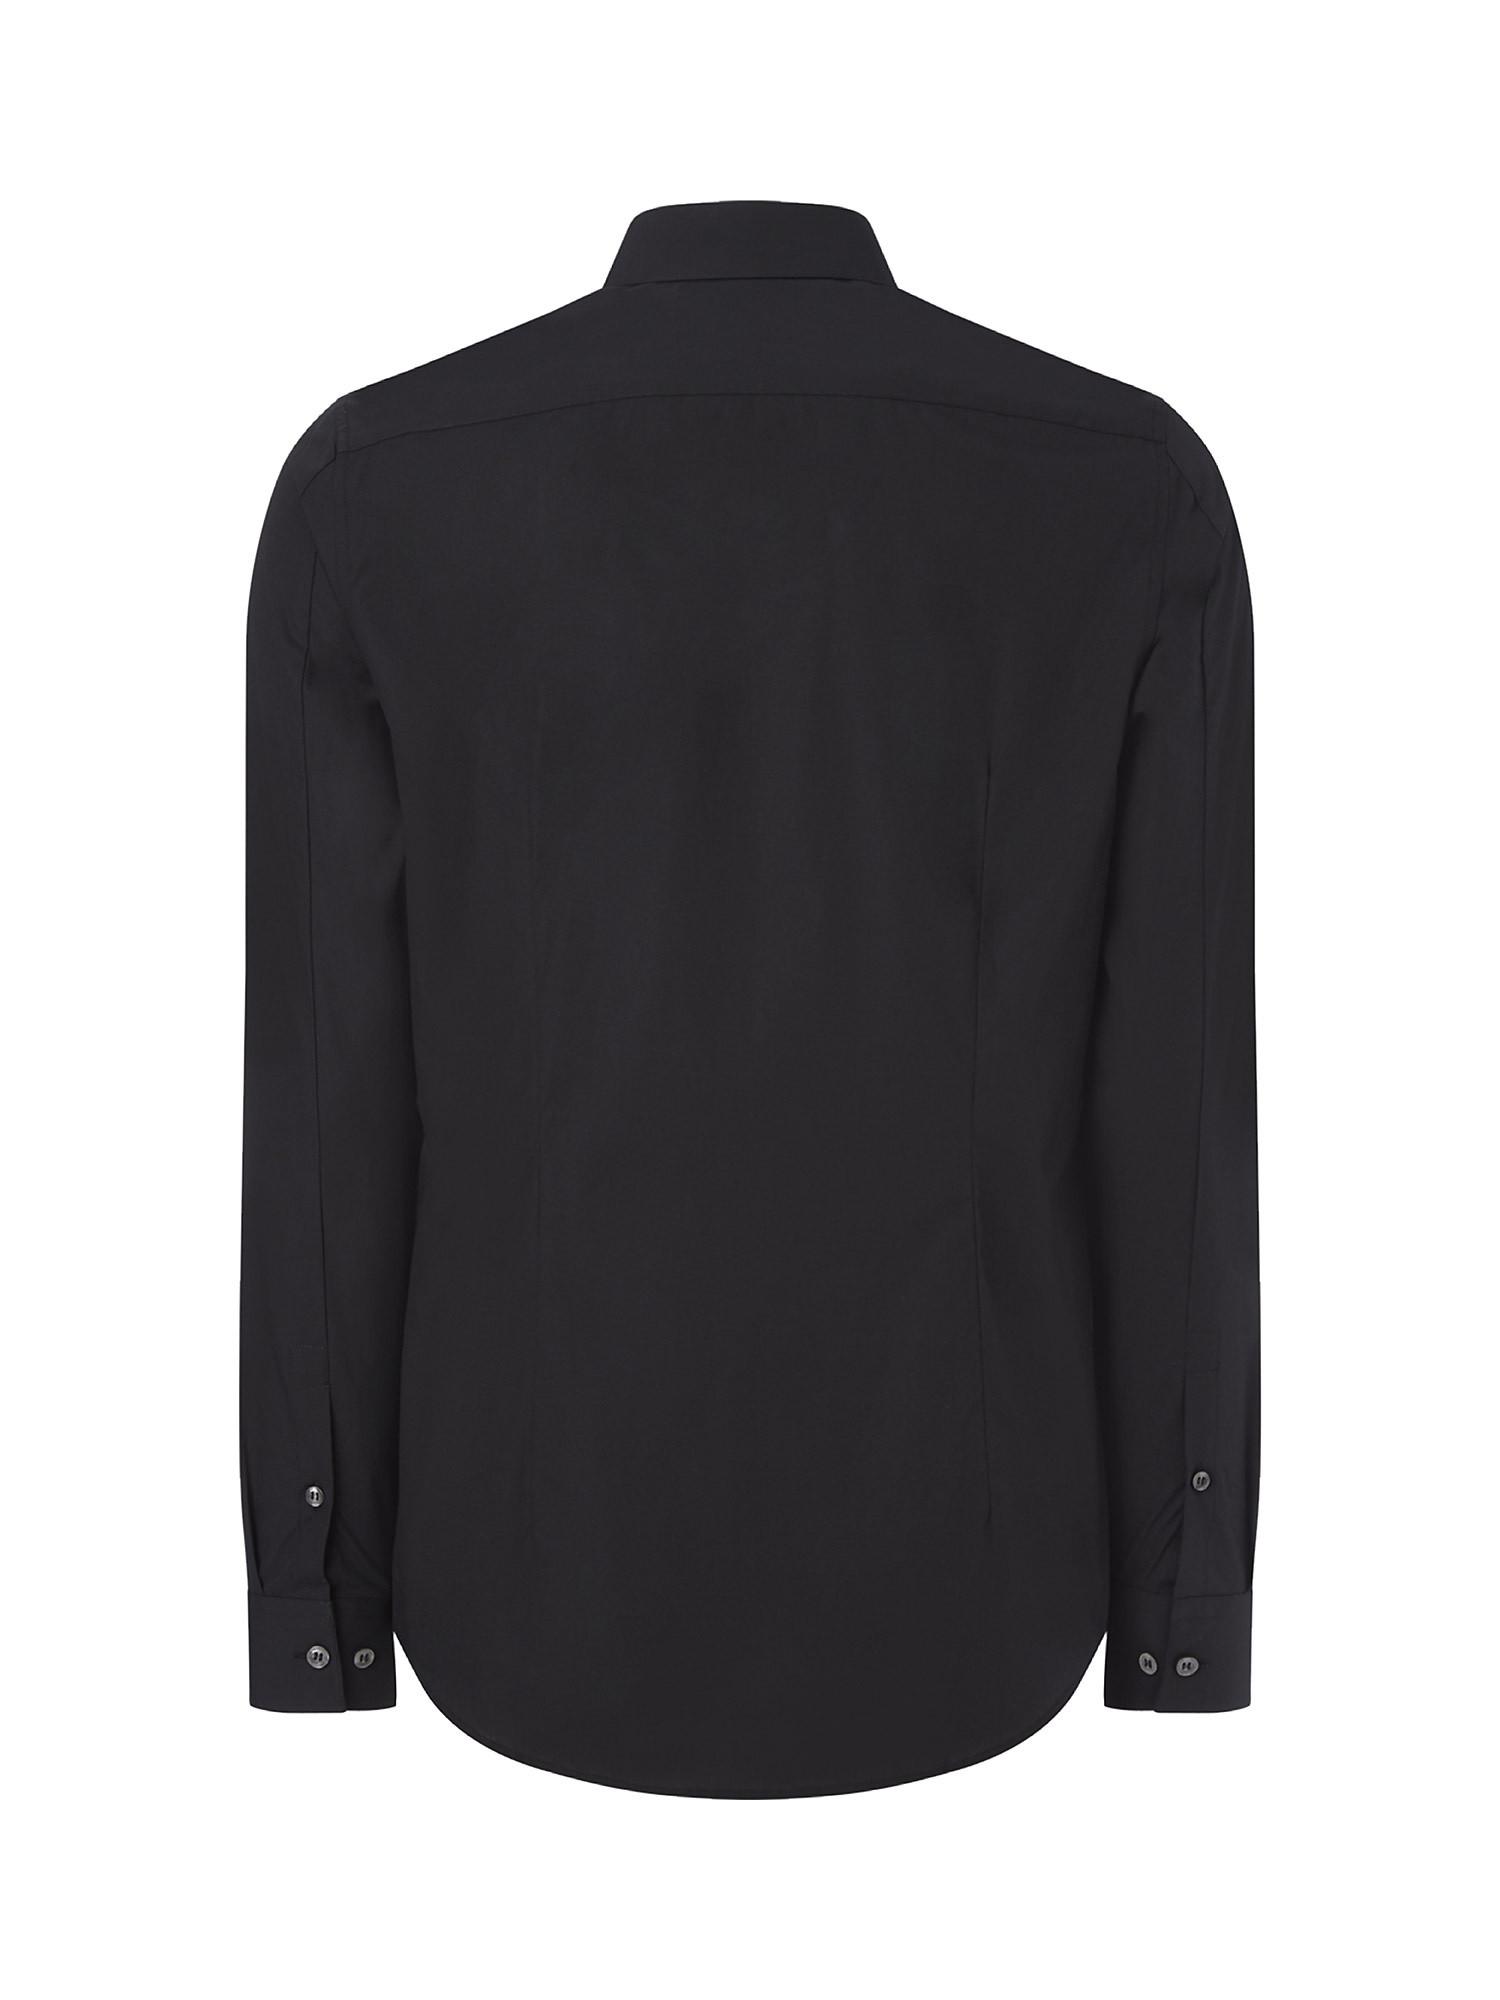 Camicia in cotone elasticizzato, Nero, large image number 3